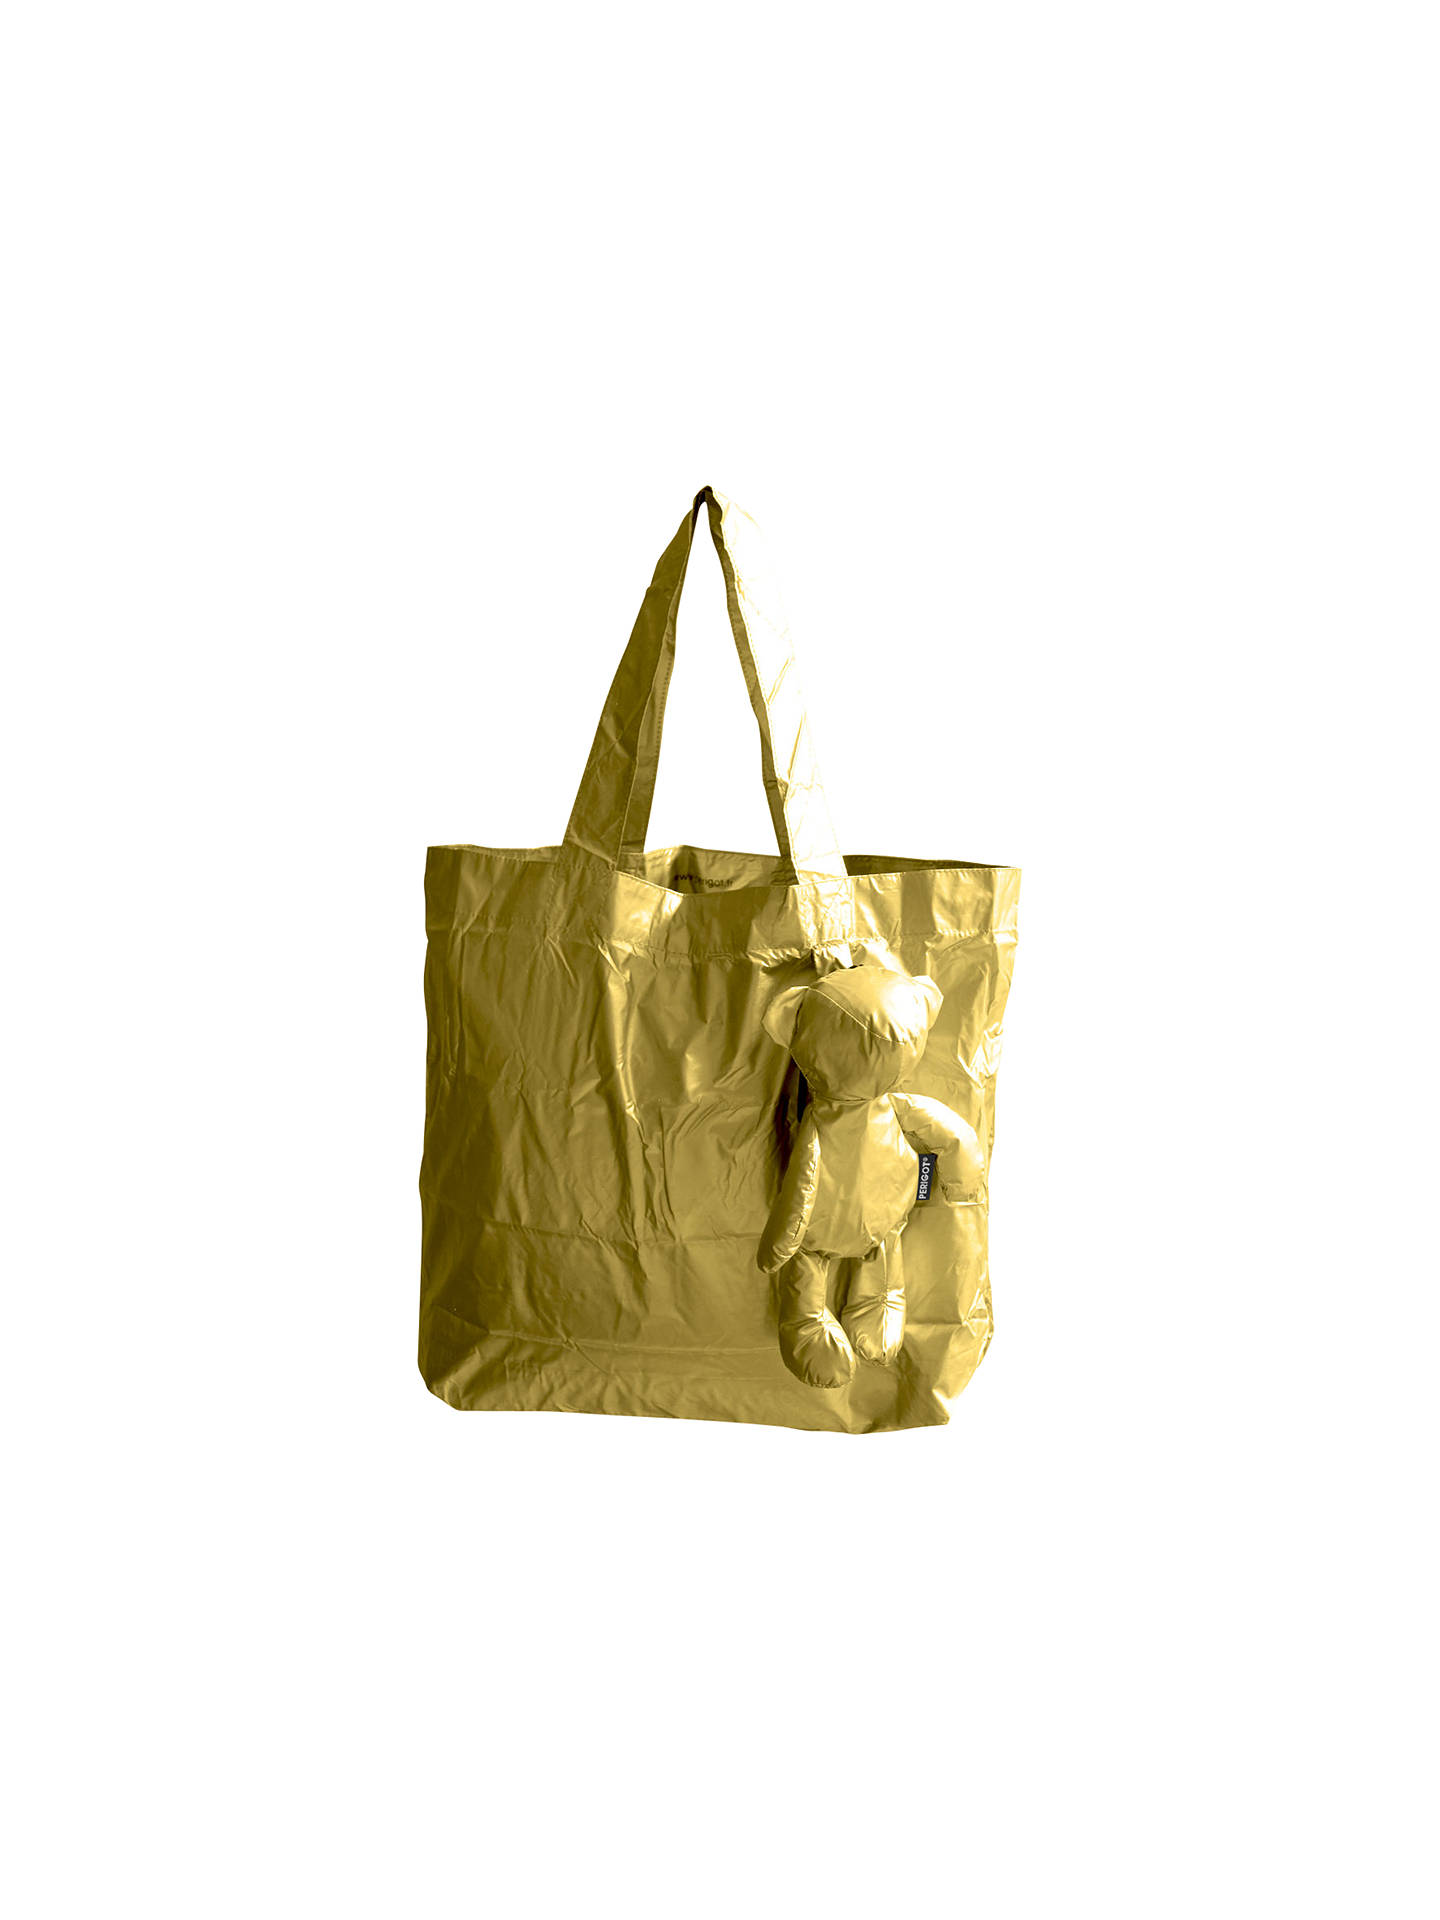 ad348e2c0ef Perigot Bear Bag Shopper Bag at John Lewis   Partners